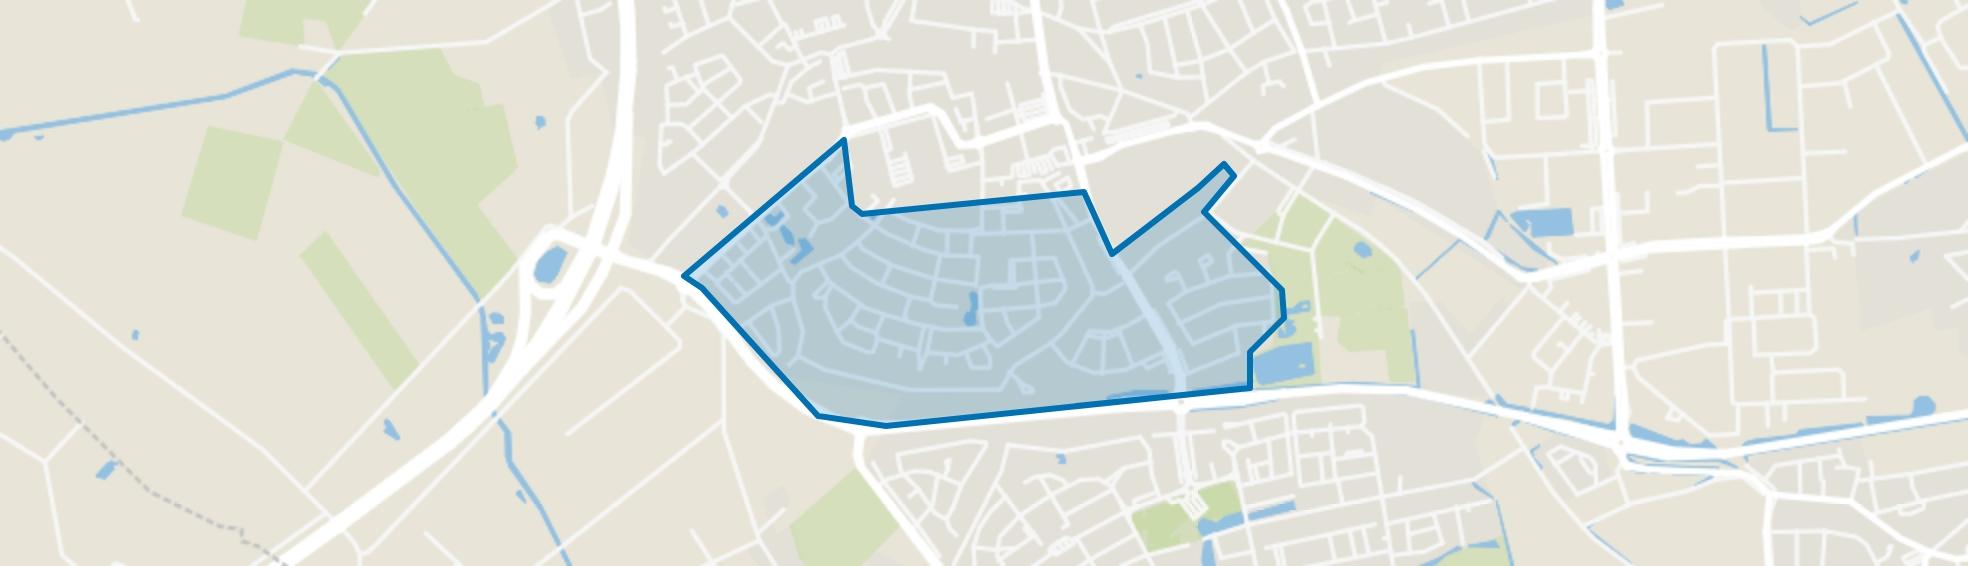 Zoggel, Uden map